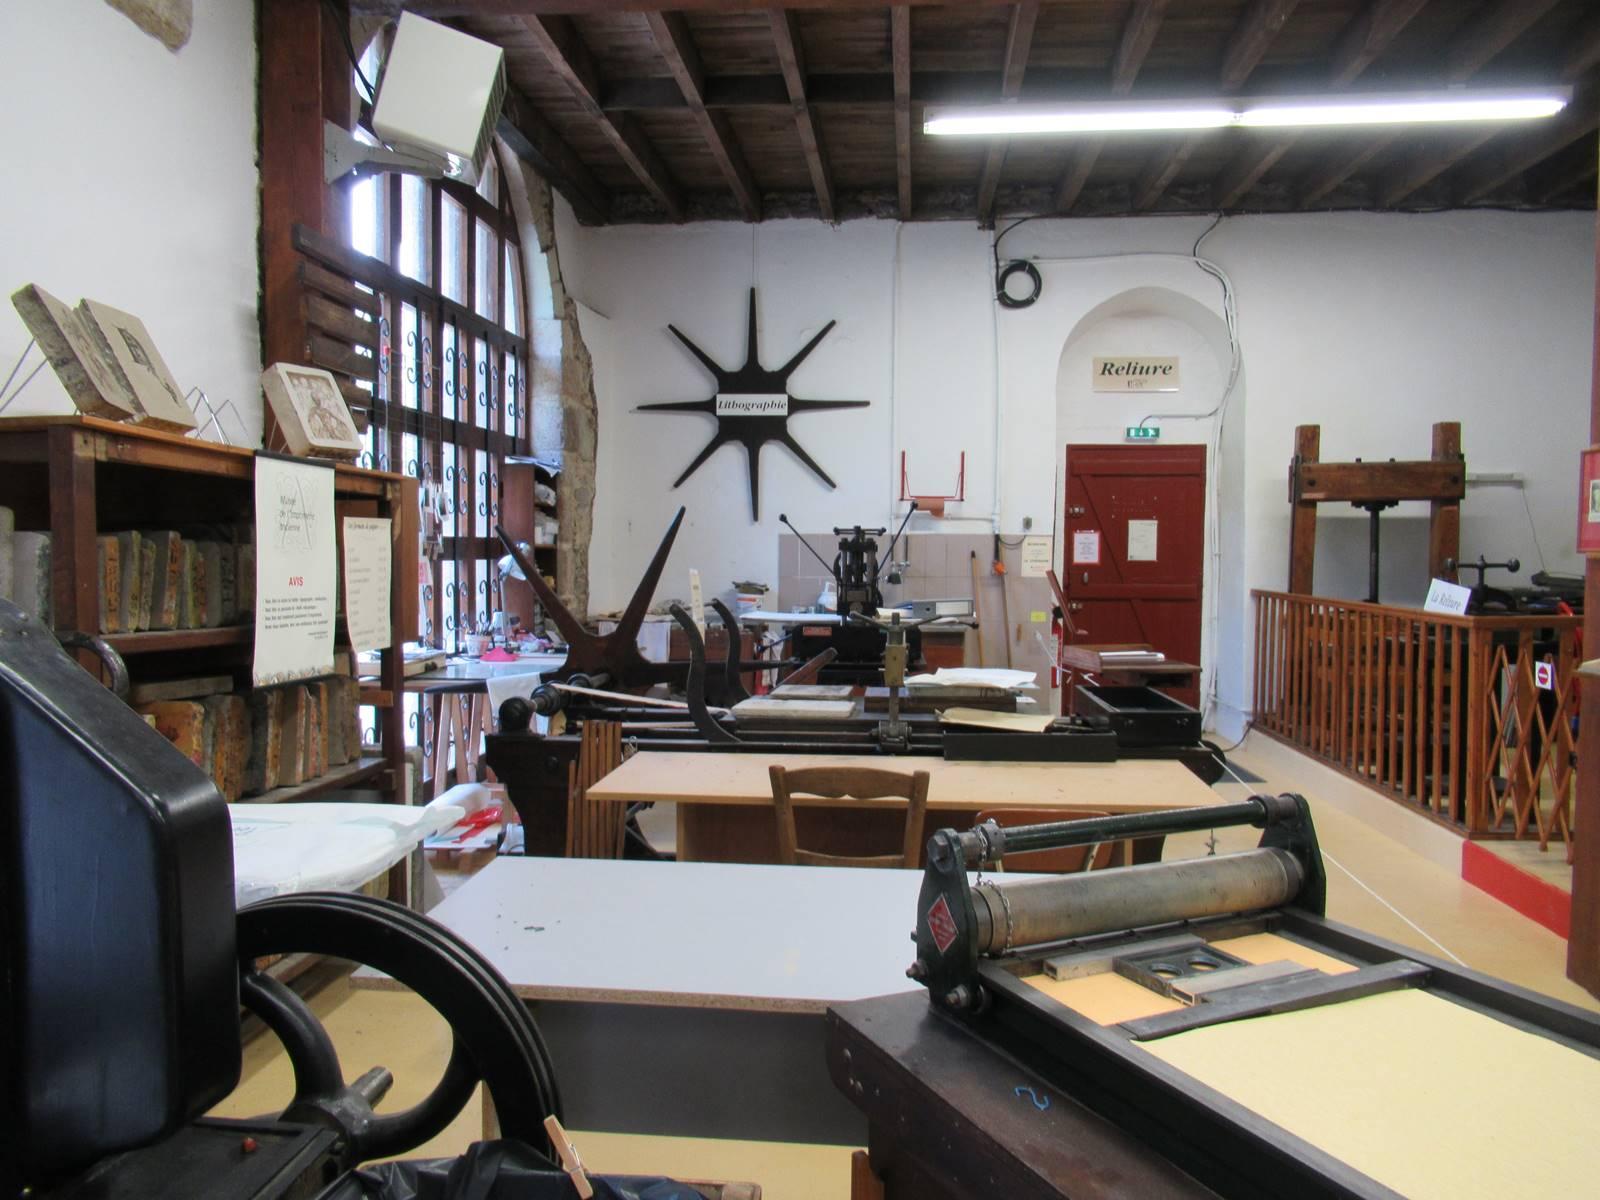 Musee de l imprimerie de blain 2